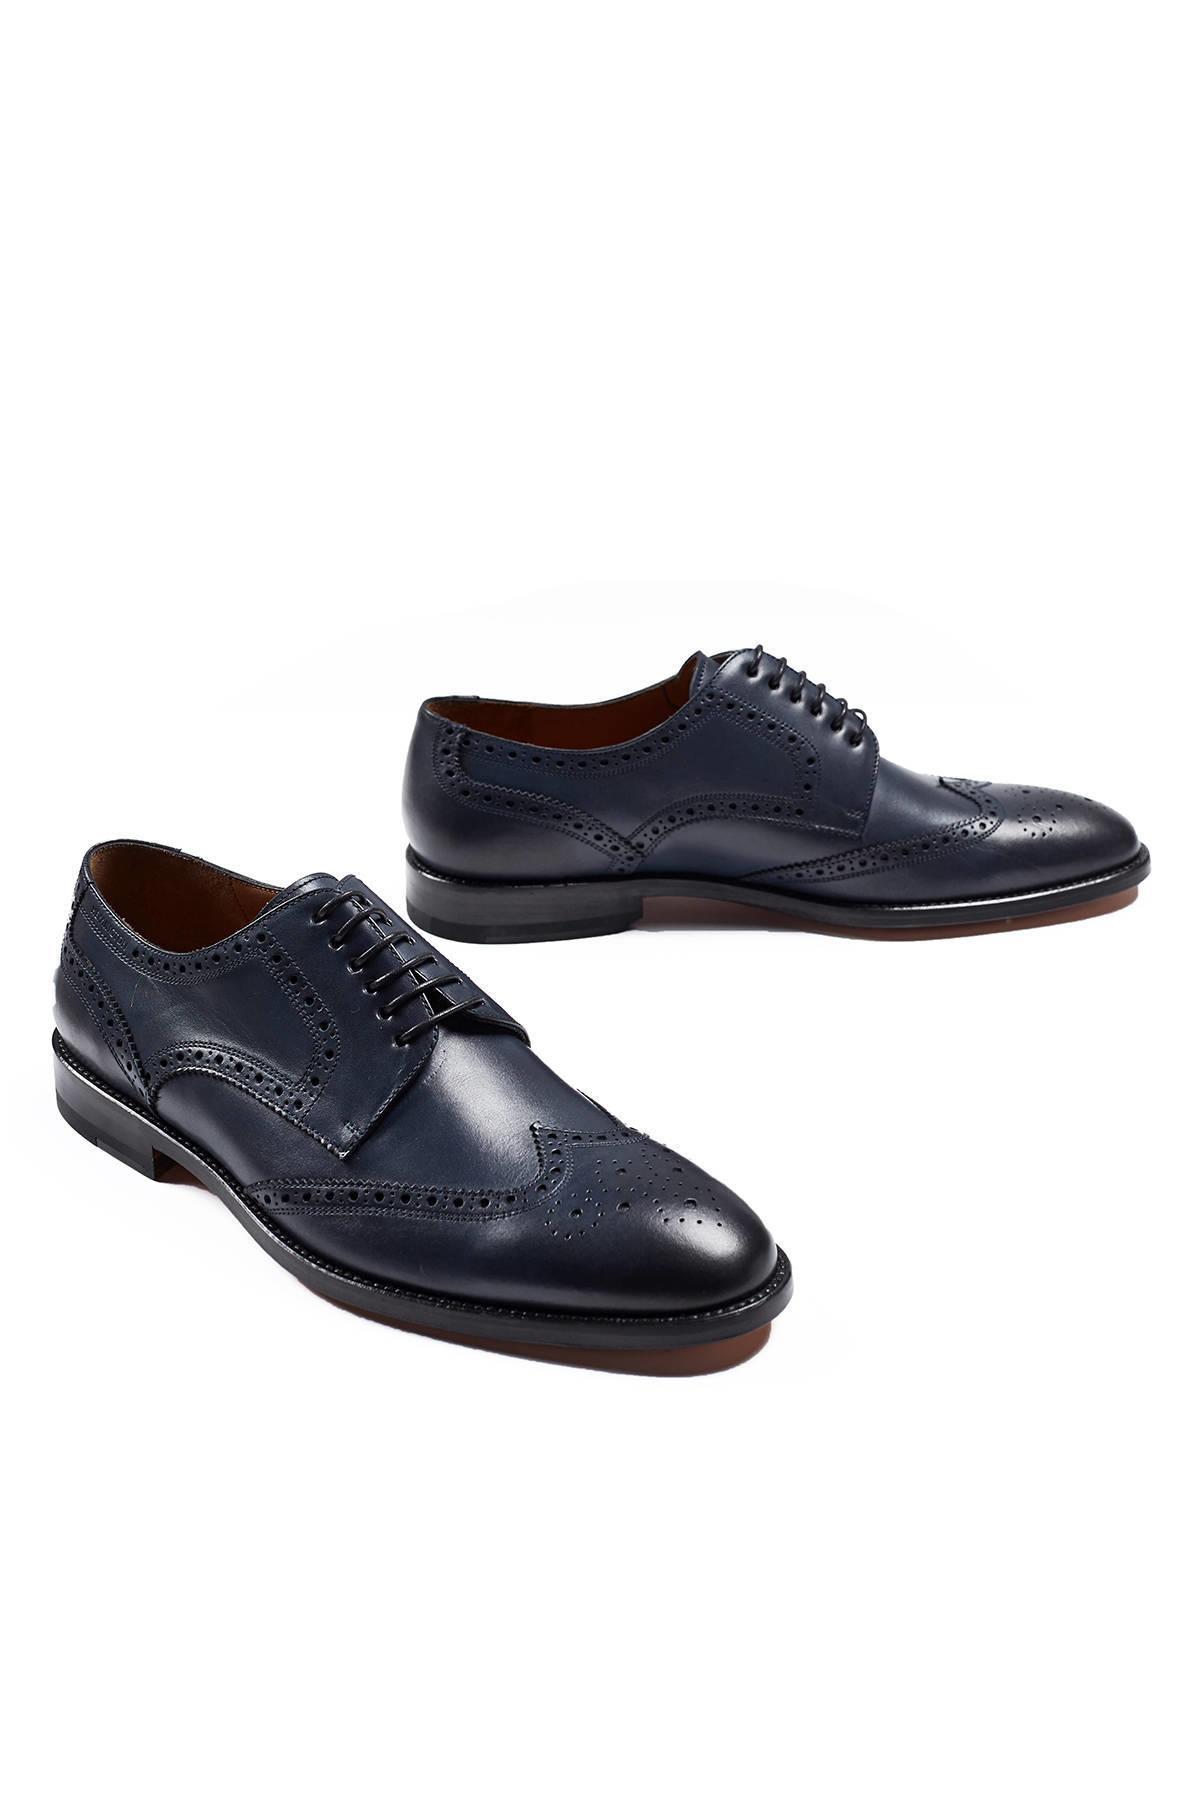 El Yapımı Lacivert Klasik Deri Ayakkabı